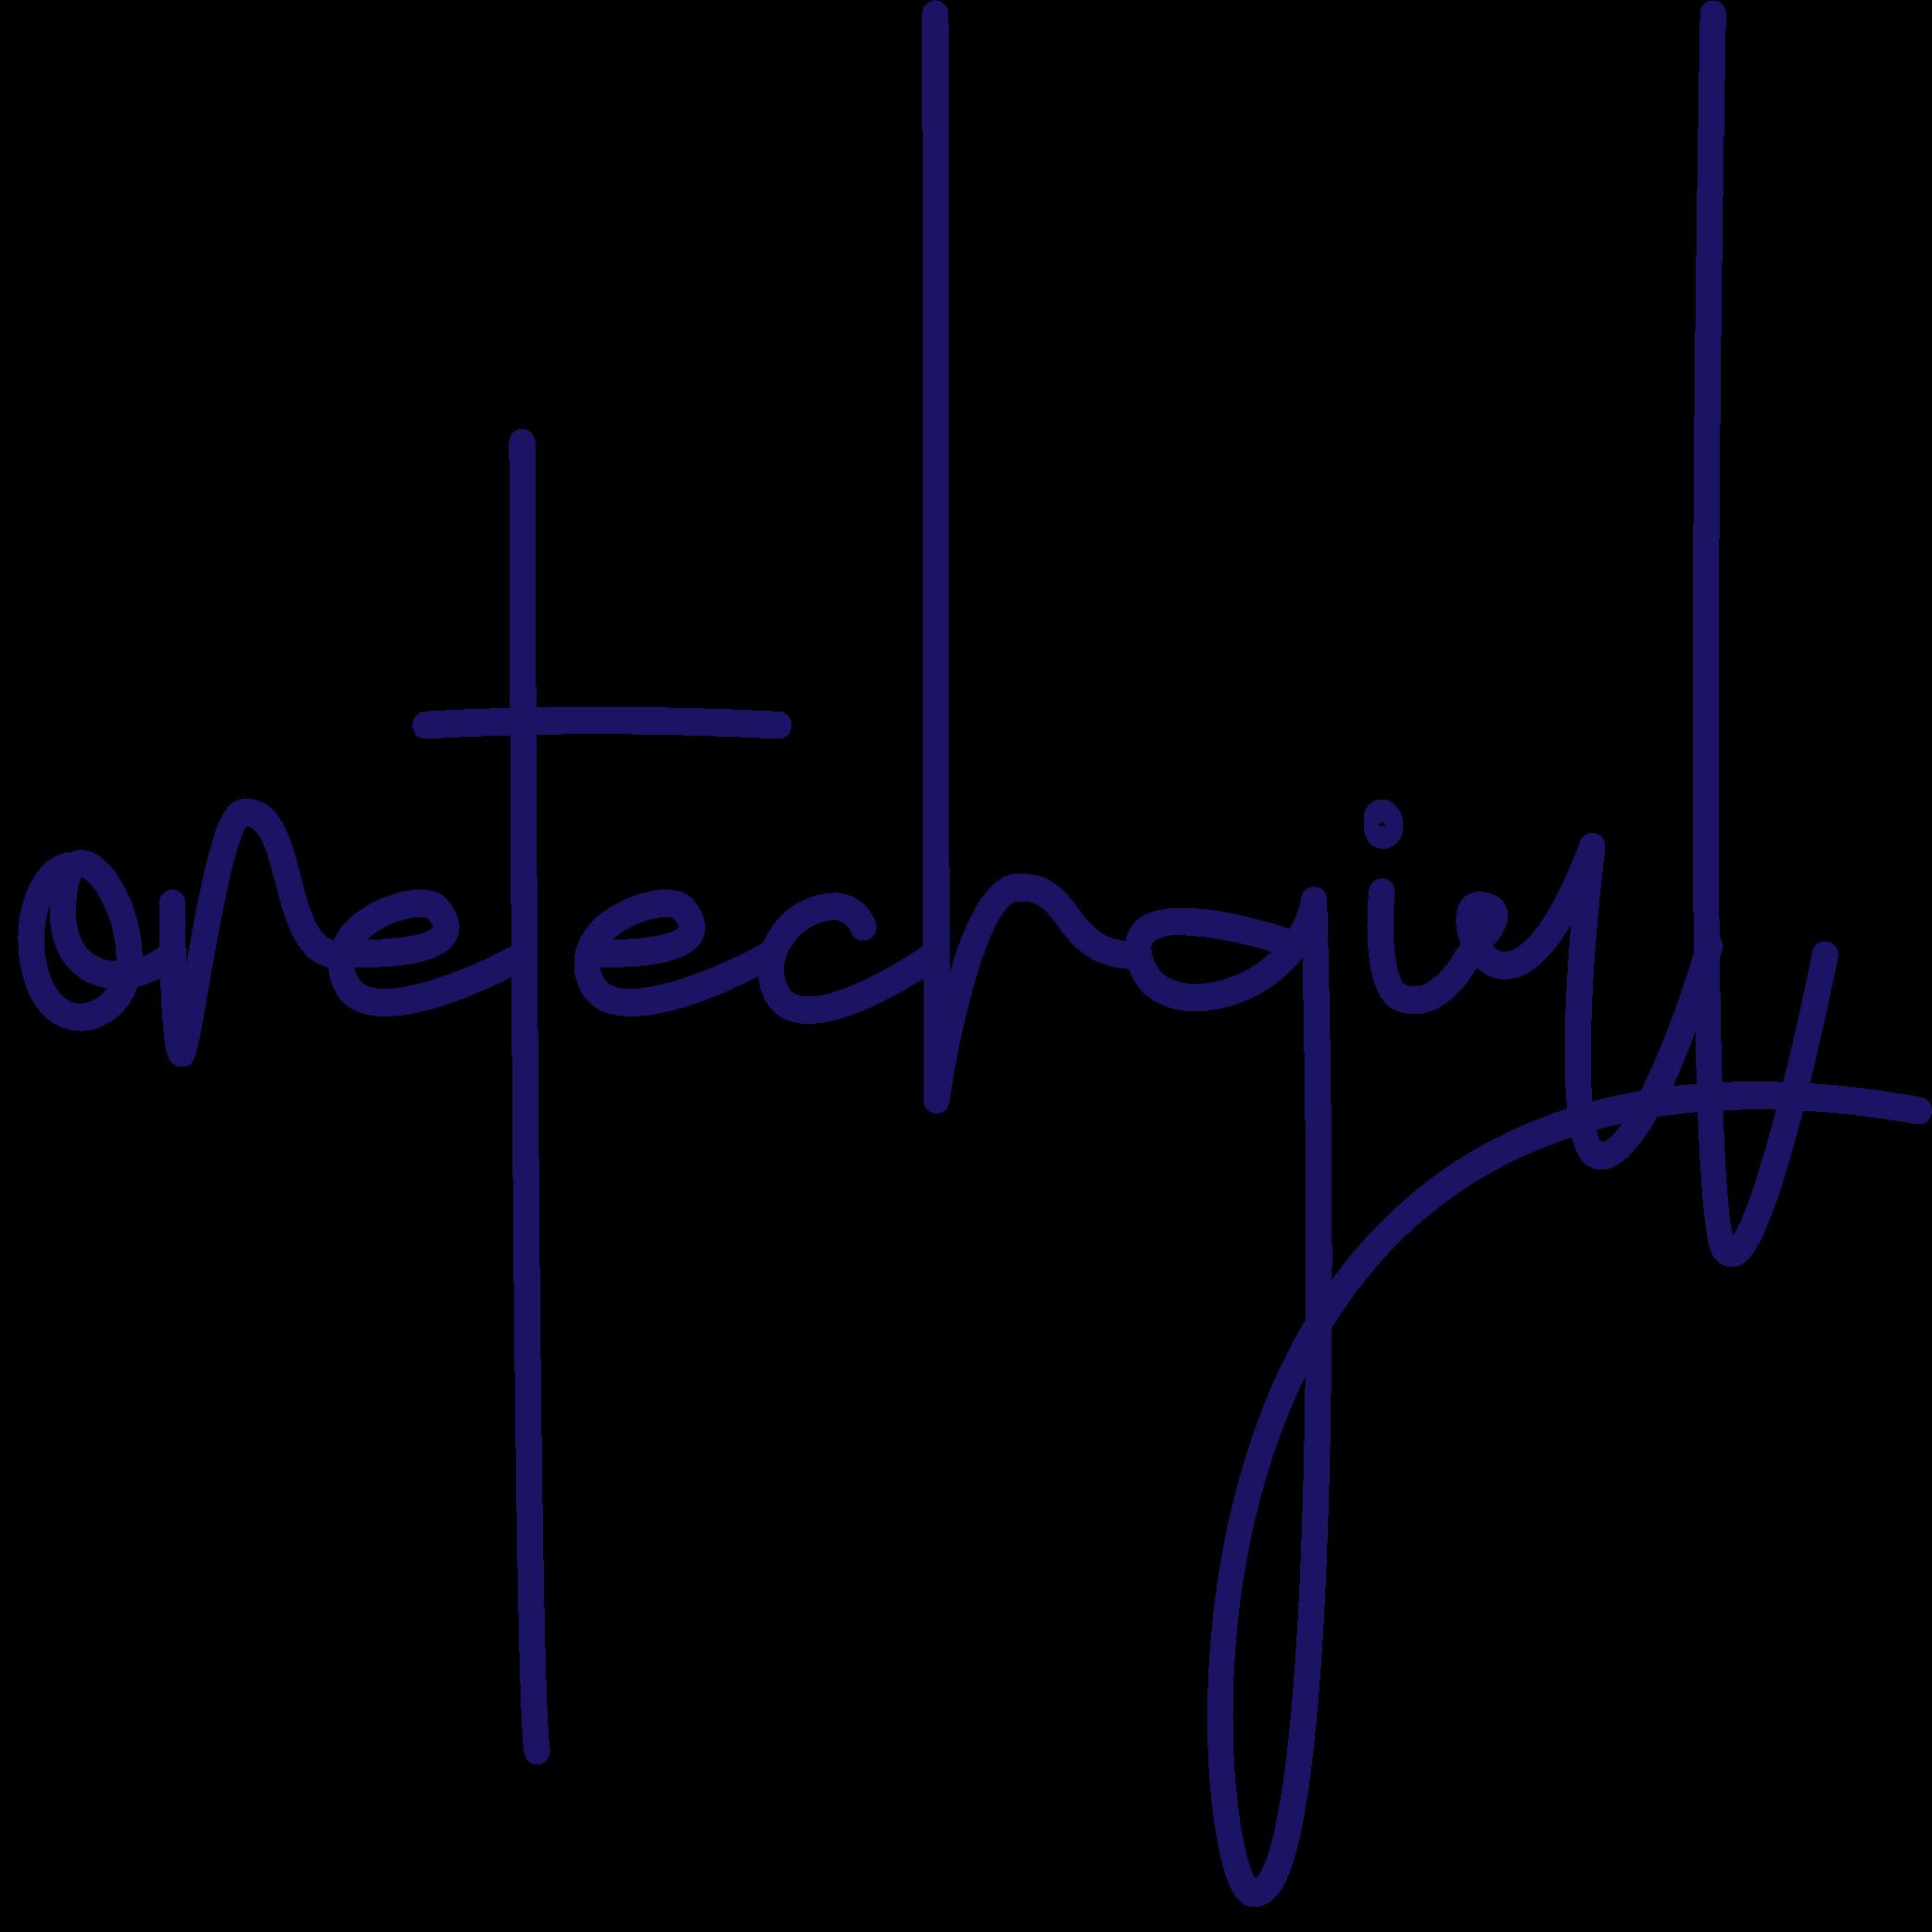 OneTechGirl, a chatbot developer